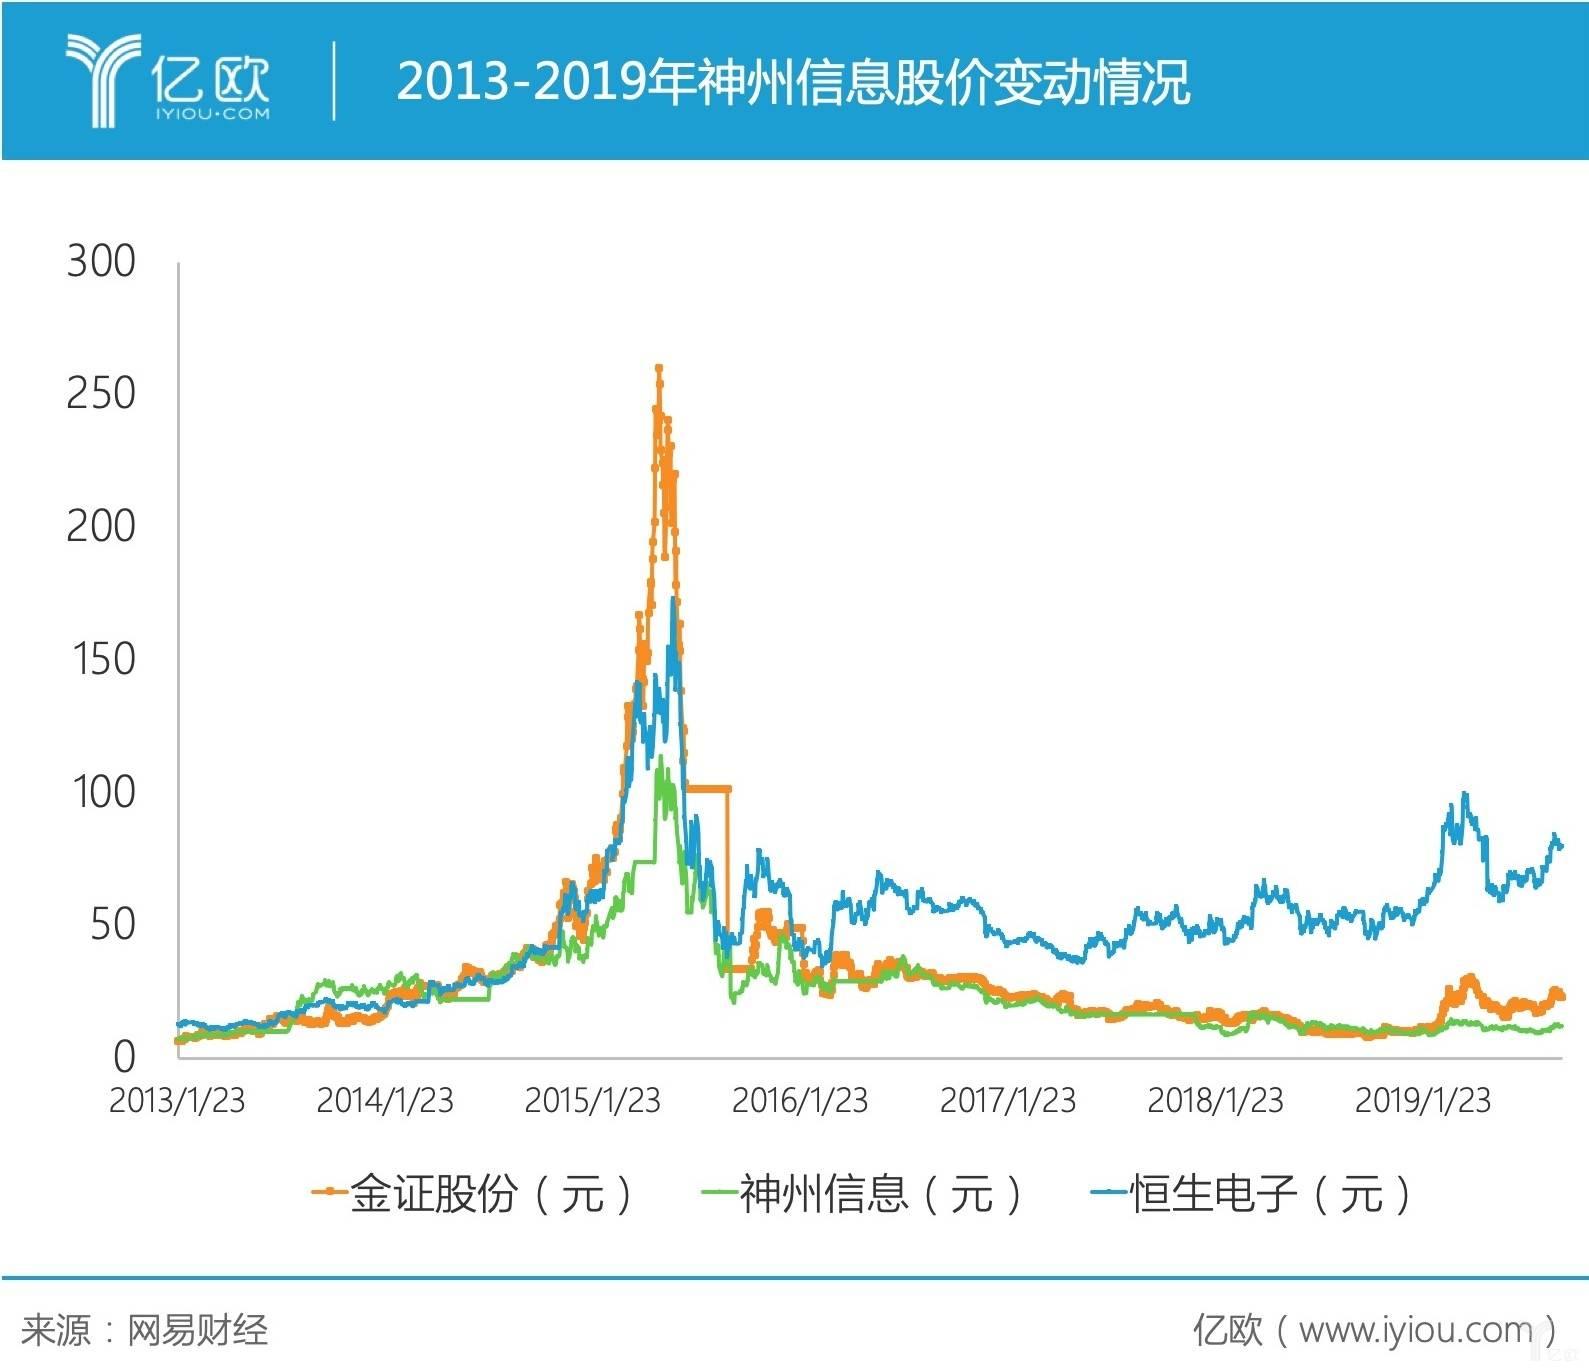 神州信息股价变动.jpg